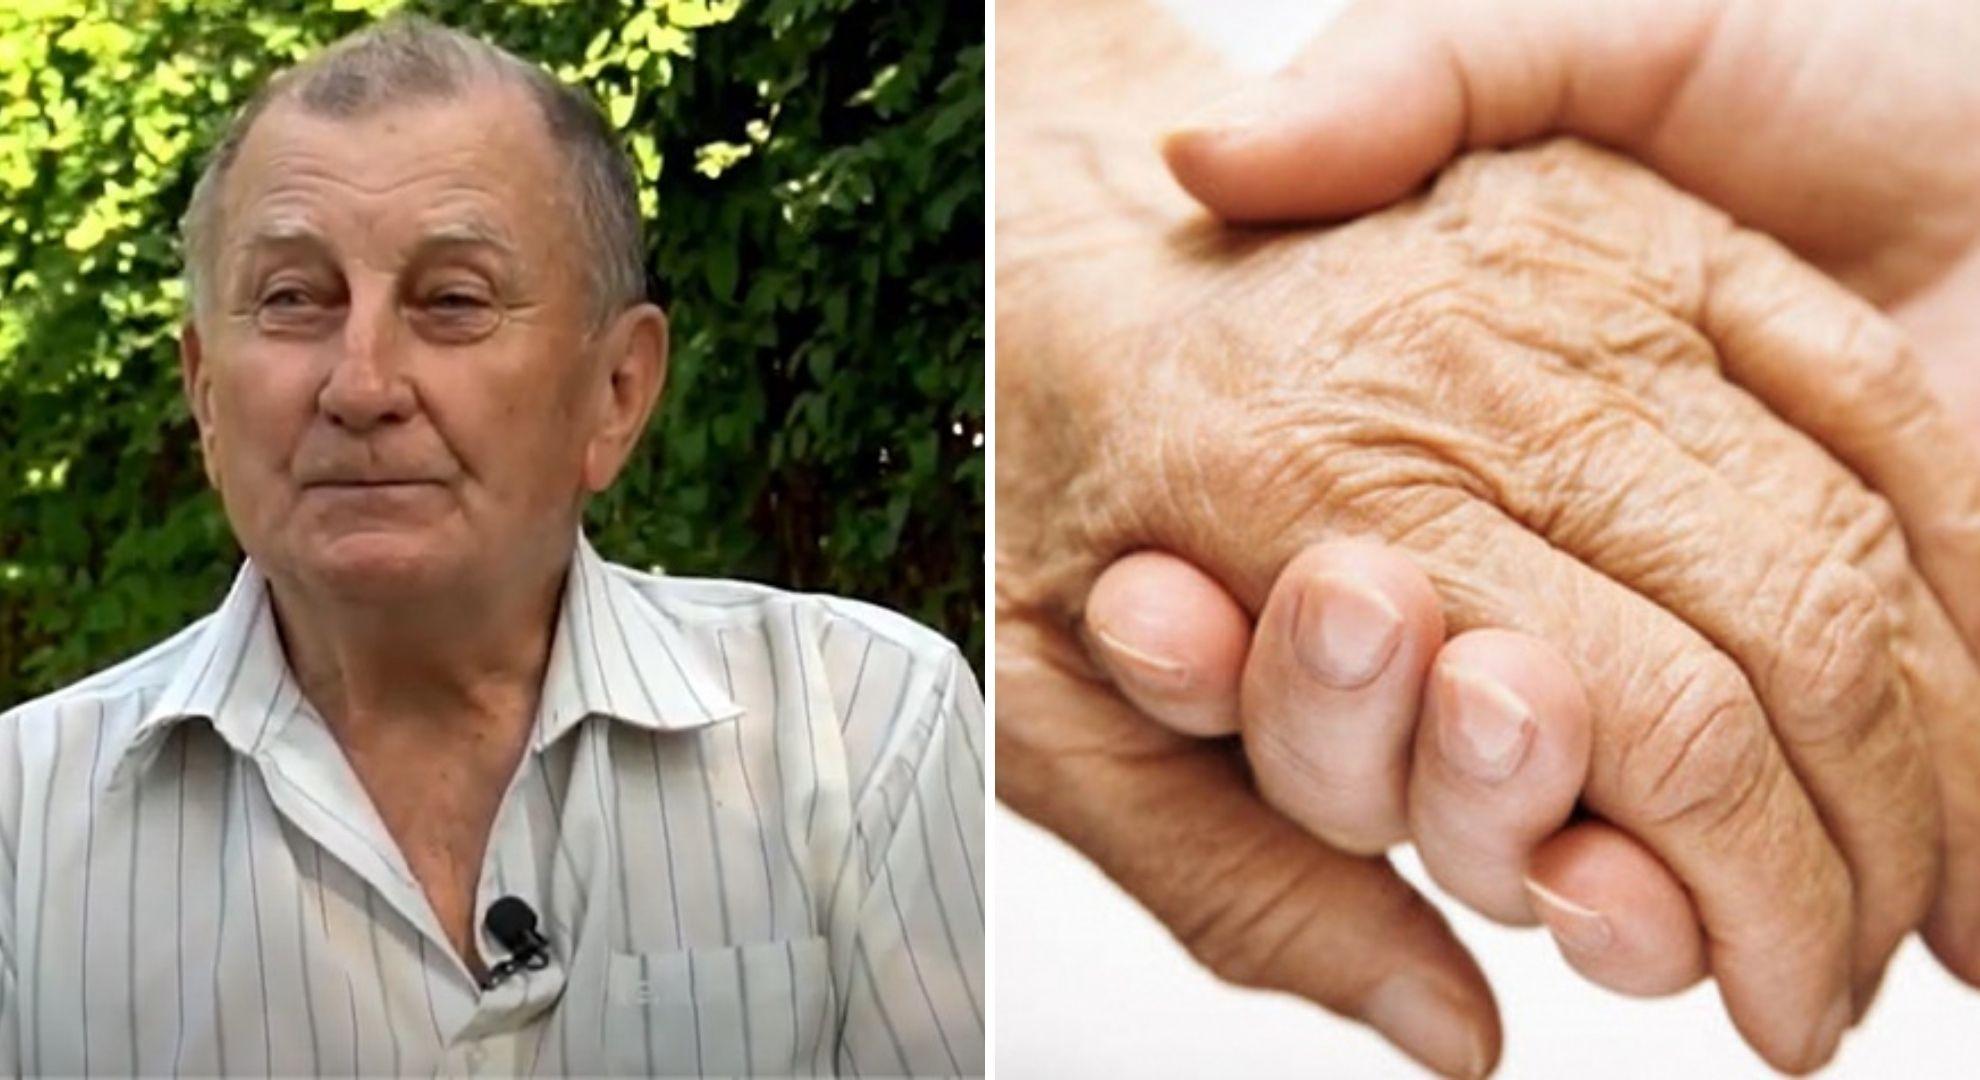 Cine nu are bunici, să-și cumpere. Bunicul Petre, de 81 de ani, își crește singur nepoata de 9 ani